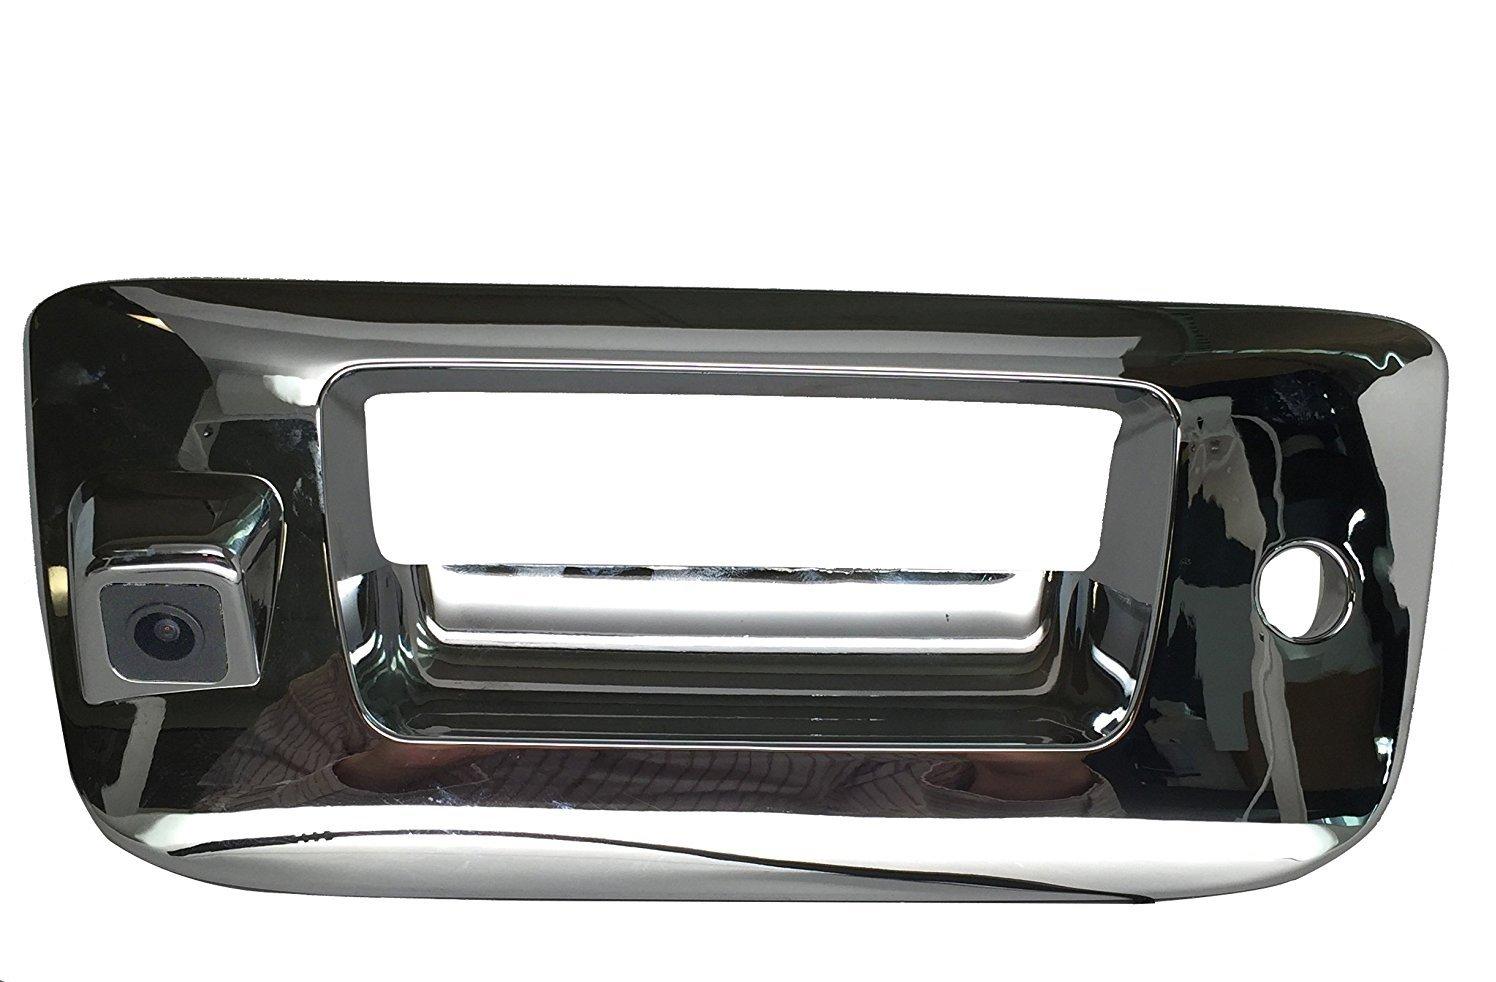 pyvideoユニバーサルモニタ用のバックアップカメラ( 2007 – 2013 )シボレーシルバラード/ GMCシエラ( RCA ) シルバー PY-TG-CH2 B071DL81H1 クロム クロム